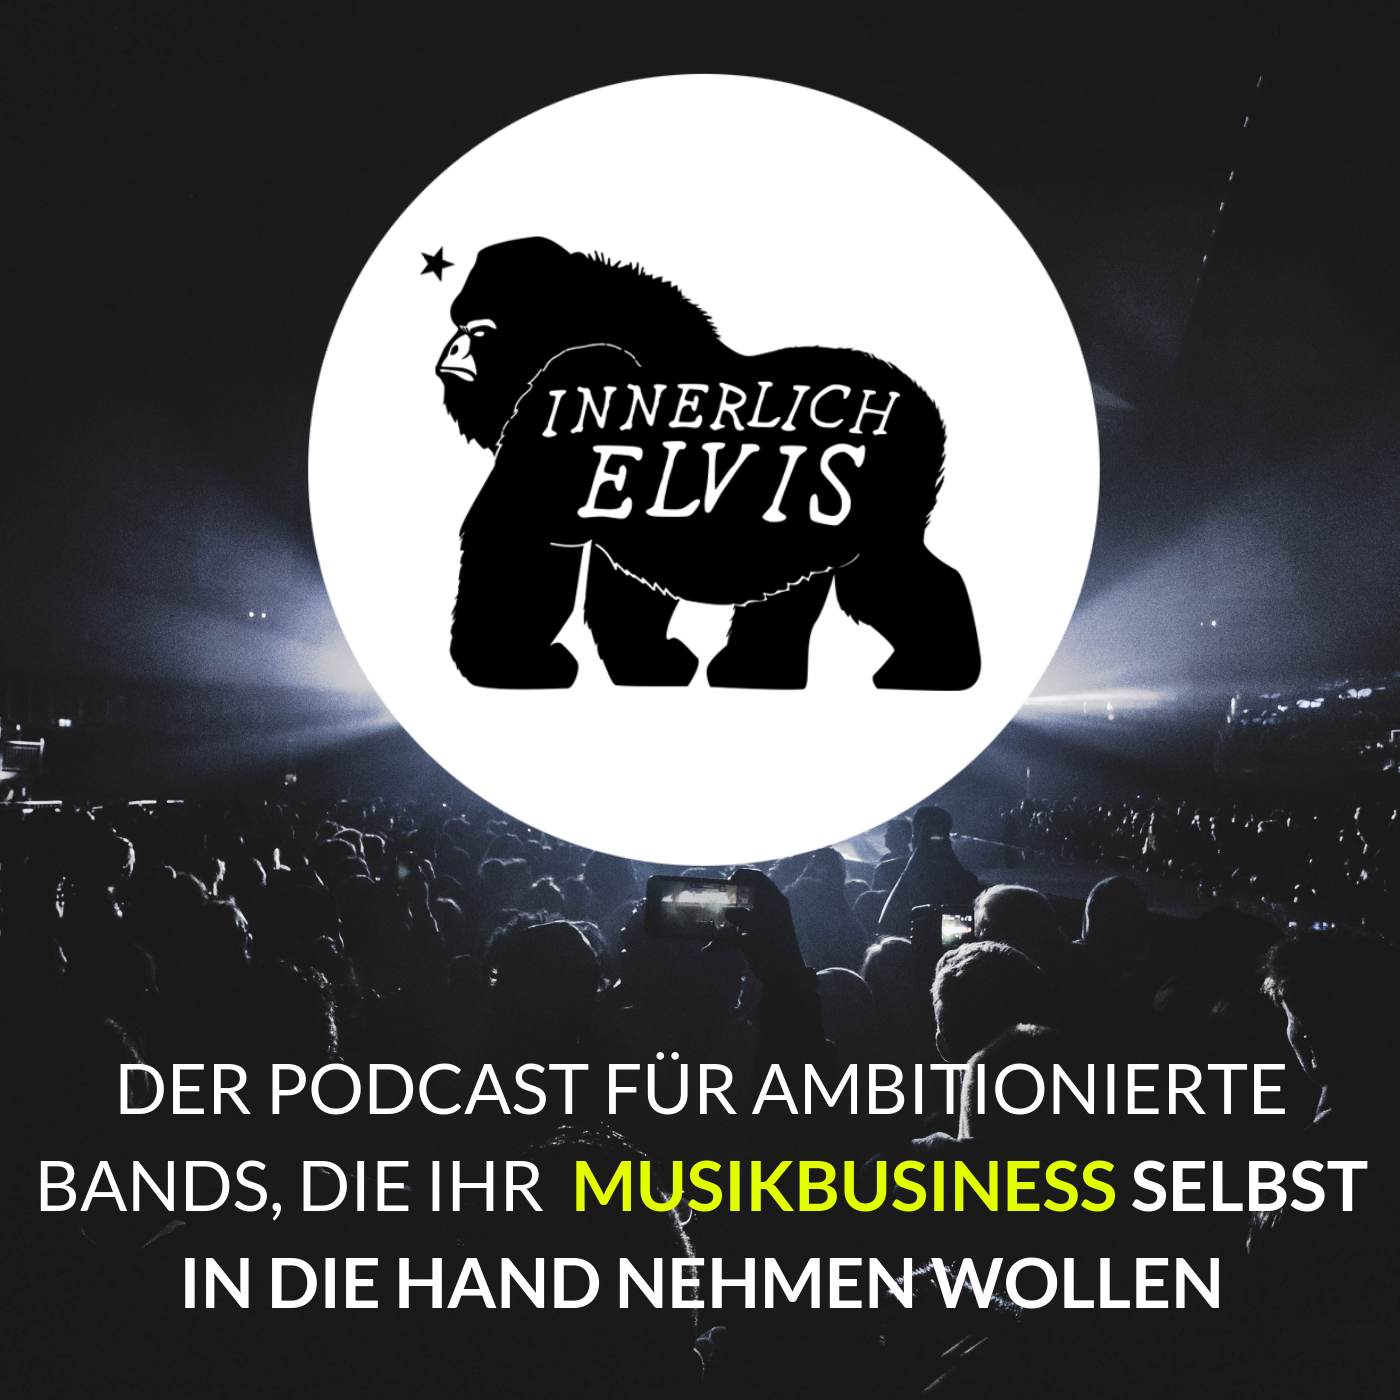 Innerlich Elvis - Der Podcast für Bands, die ihr Musikbusiness selbst in die Hand nehmen wollen